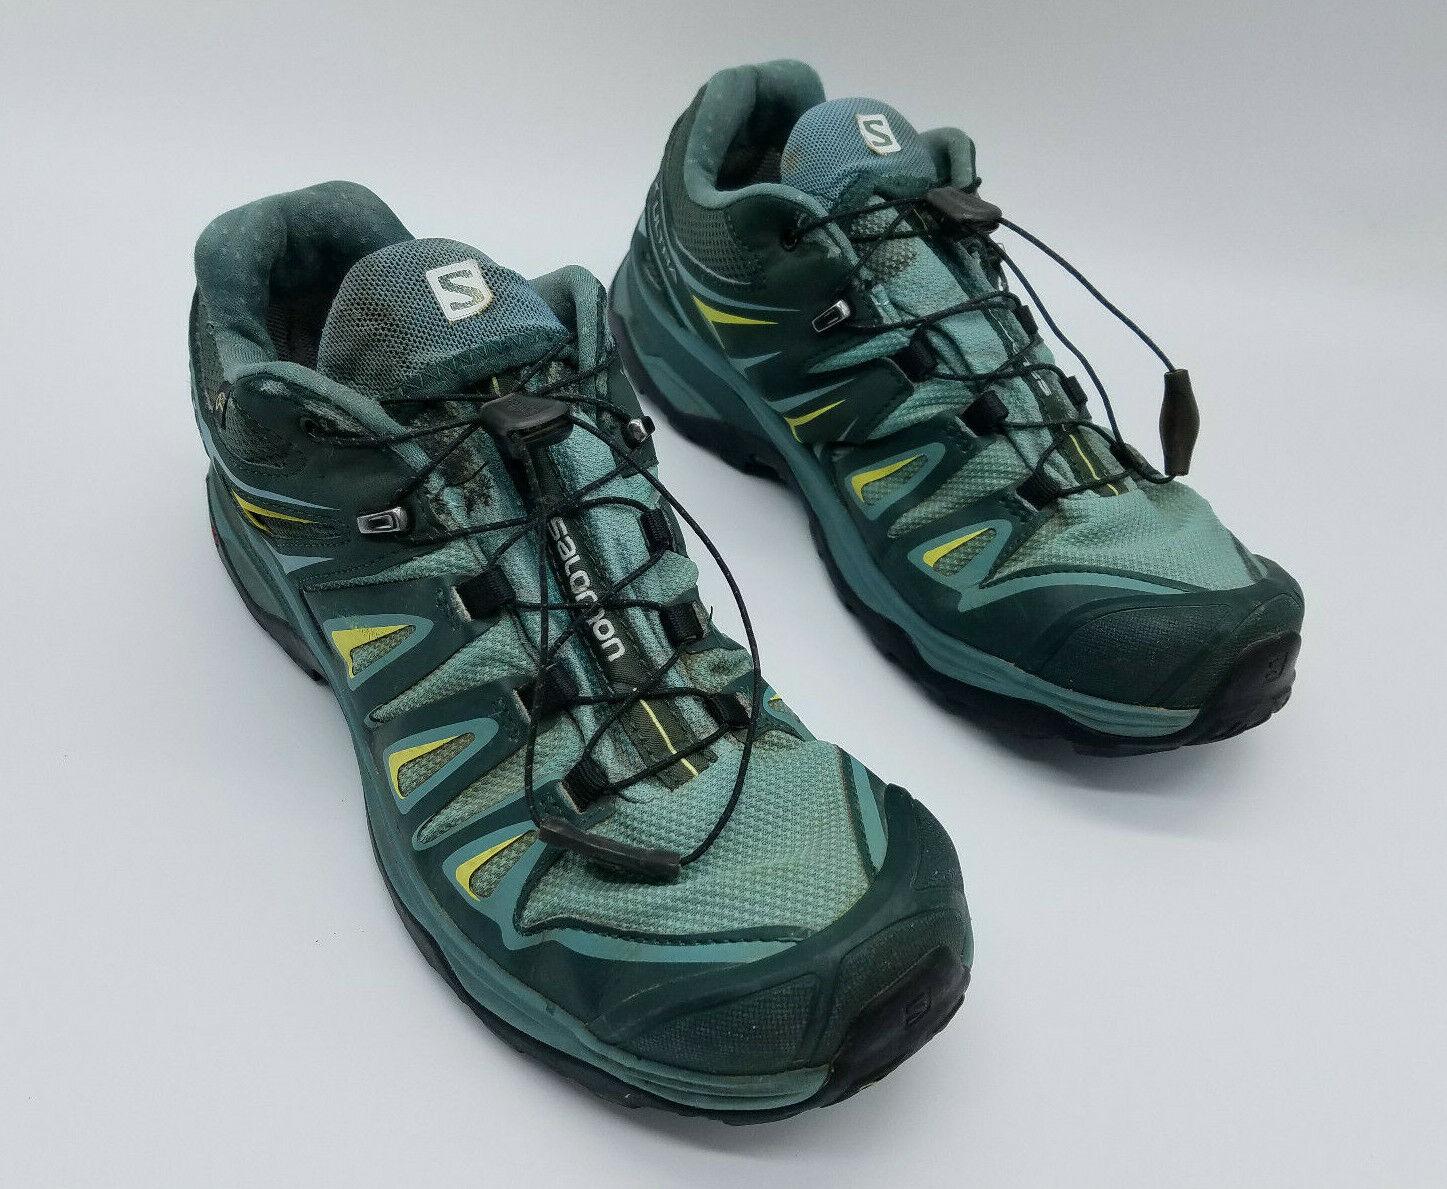 Salomon X Ultra 3 GTX Femme Trail Chaussures De Randonnée Arctic Spruce 400065 Taille 10